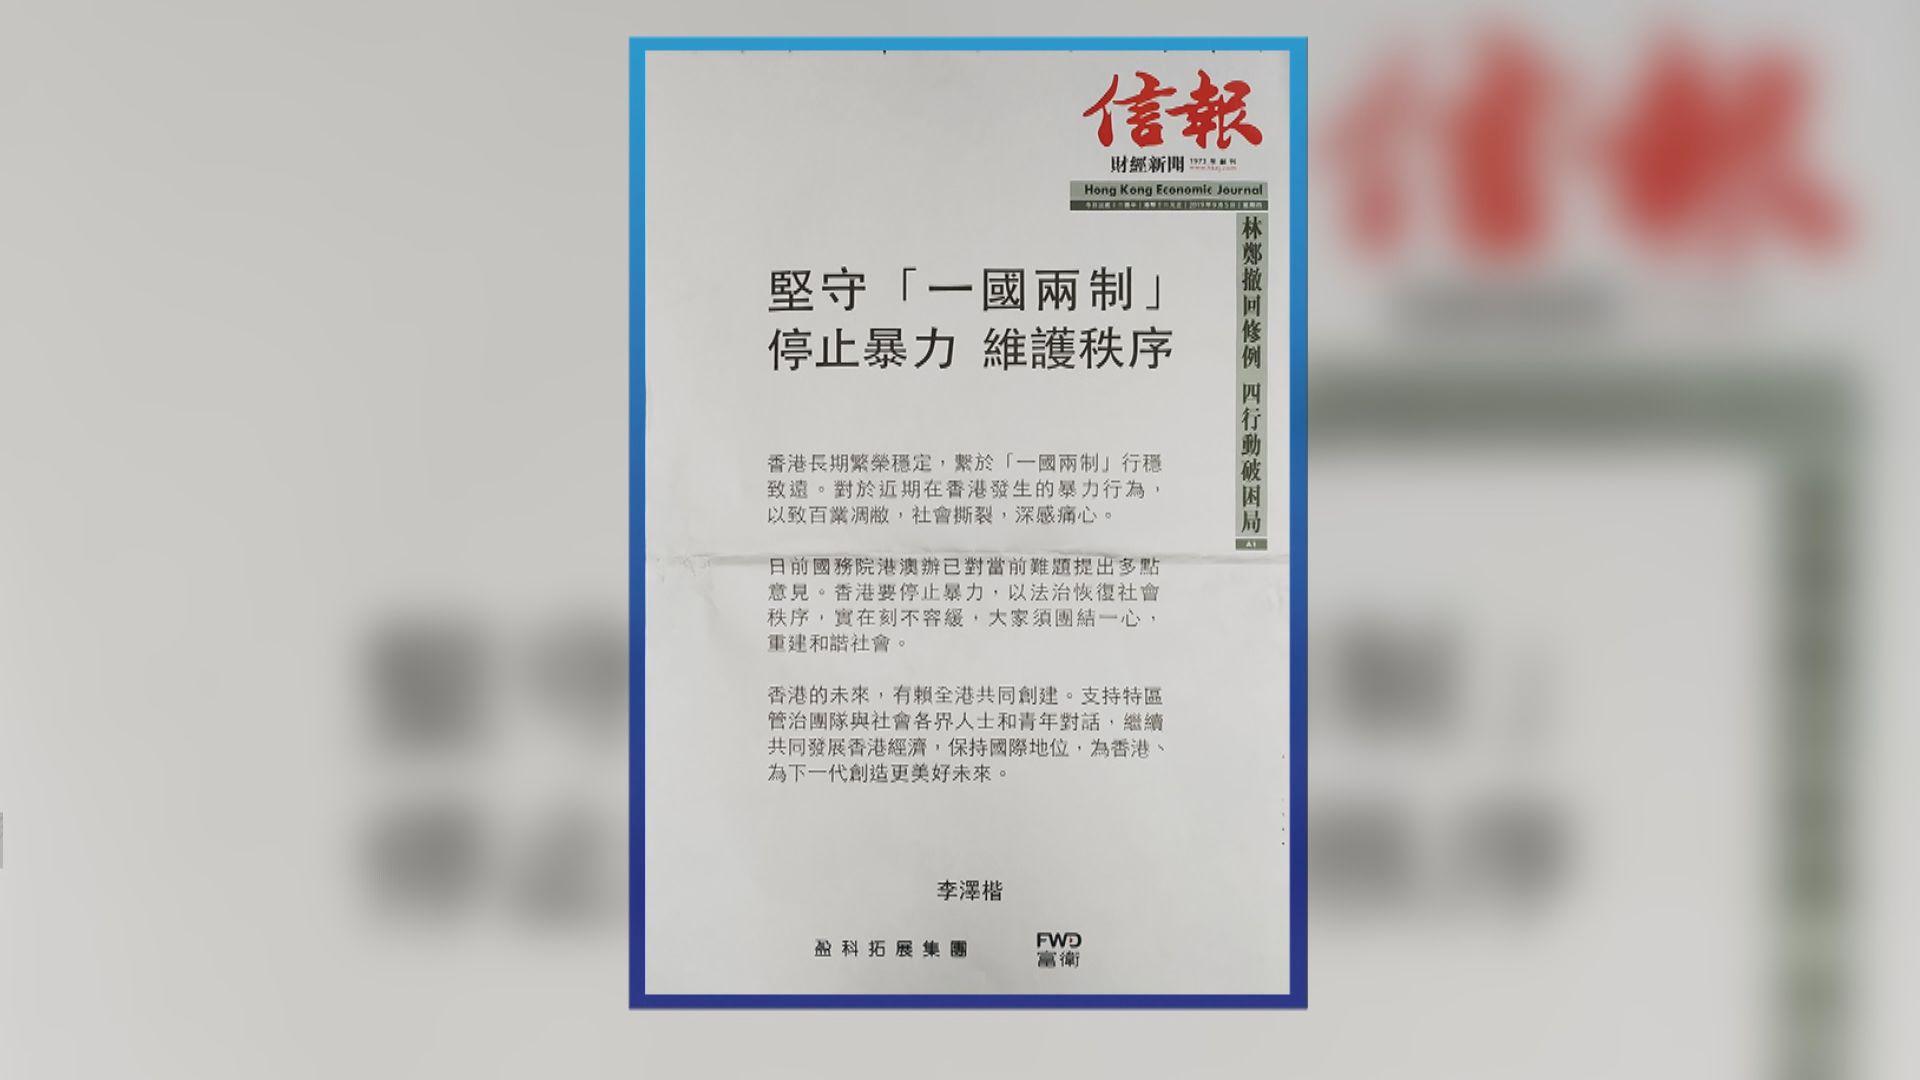 李澤楷登報聲明支持政府與社會對話